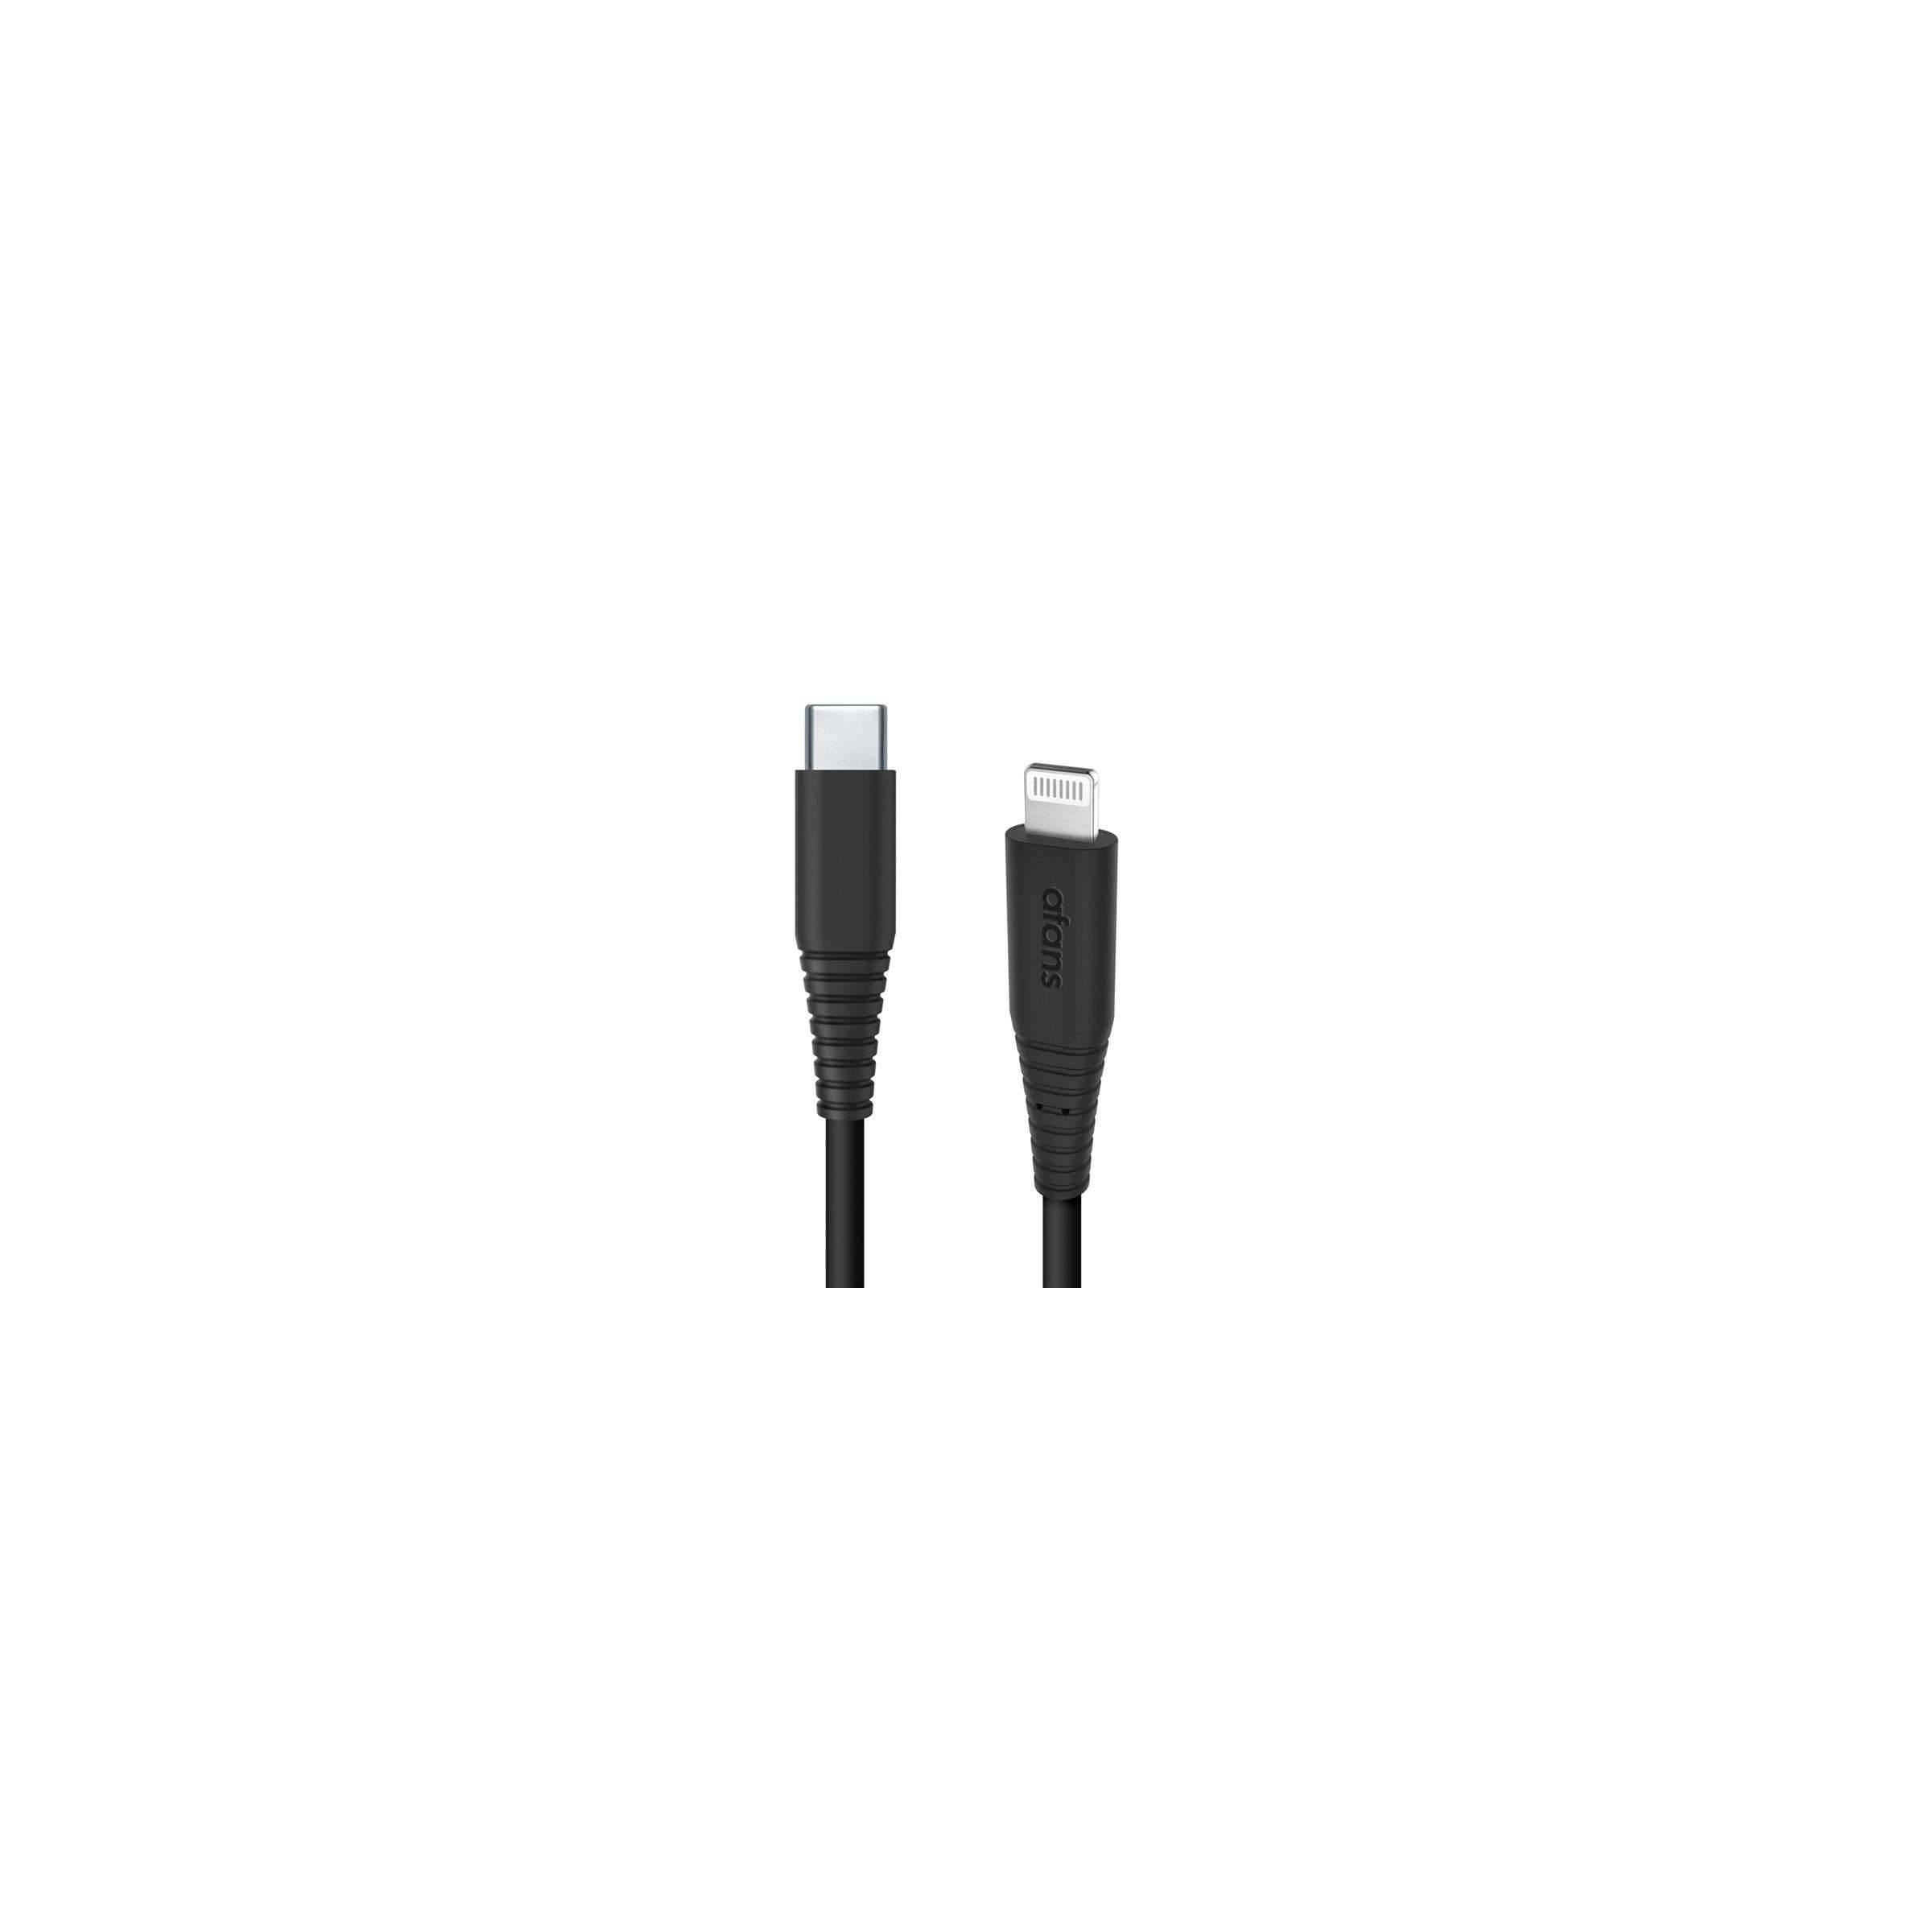 Zikko afans usb-c til lightning kabel mfi 1,5m sort fra zikko fra mackabler.dk